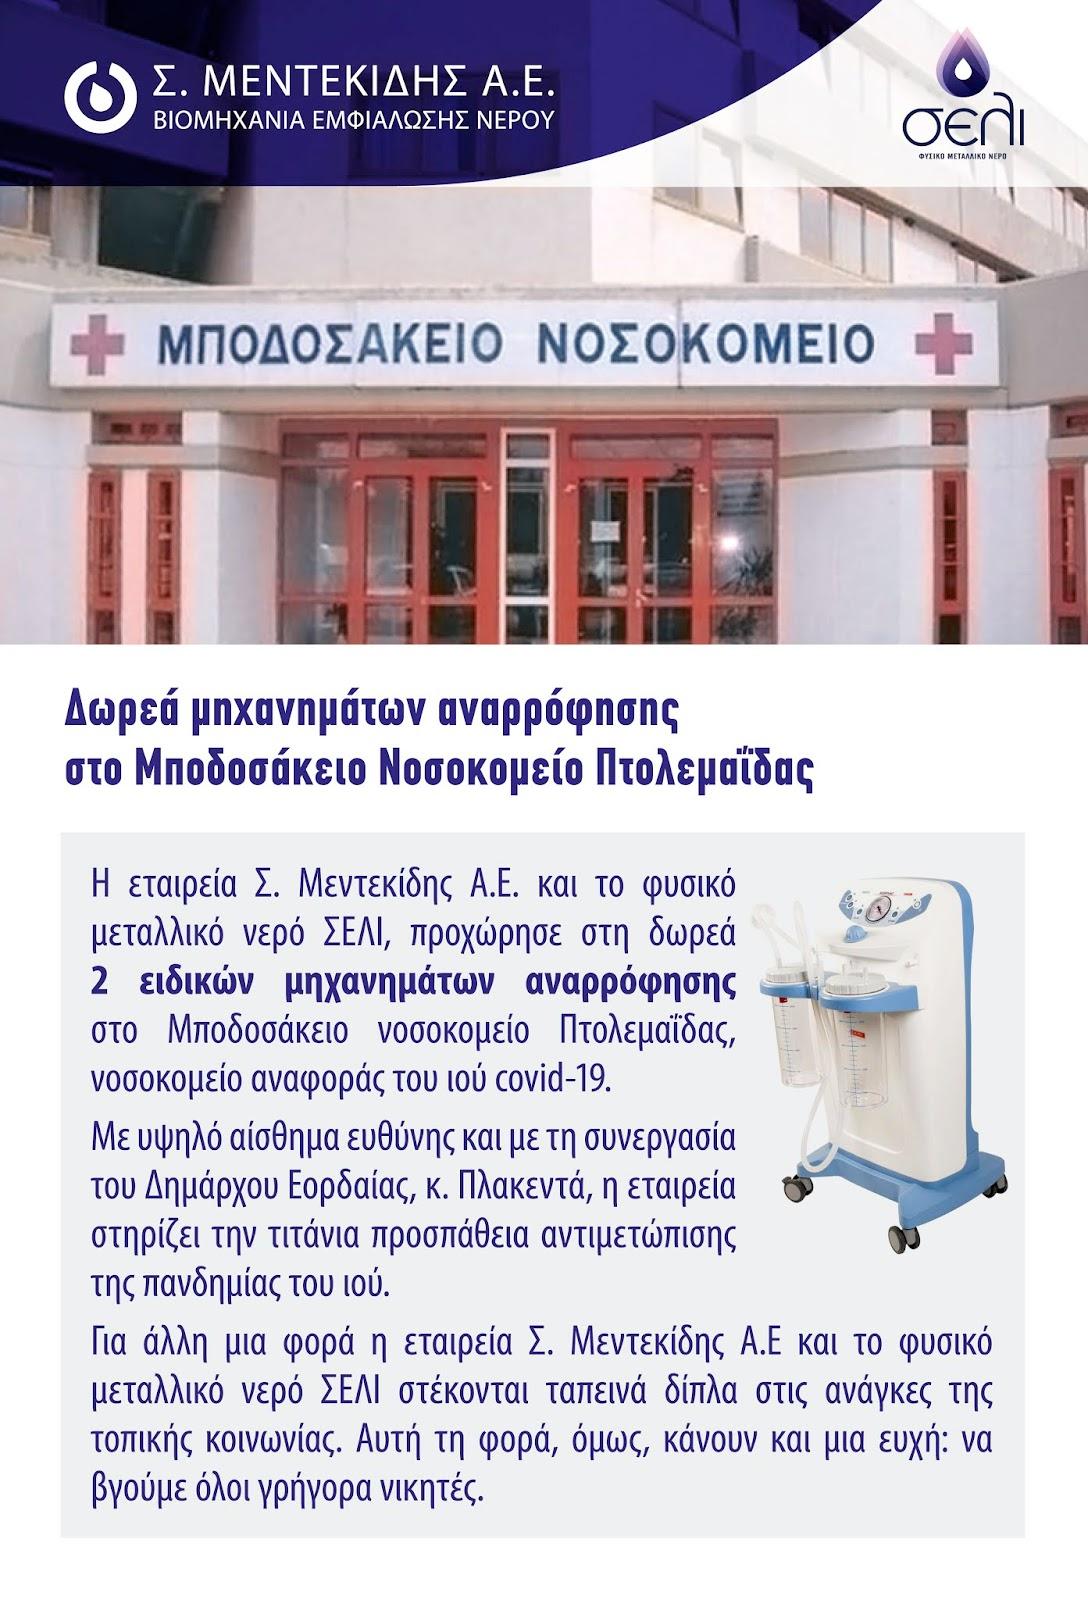 """Δωρεά μηχανημάτων αναρρόφησης στο Μποδοσάκειο Νοσοκομείο Πτολεμαΐδας από την εταιρεία """"ΣΕΛΙ"""""""